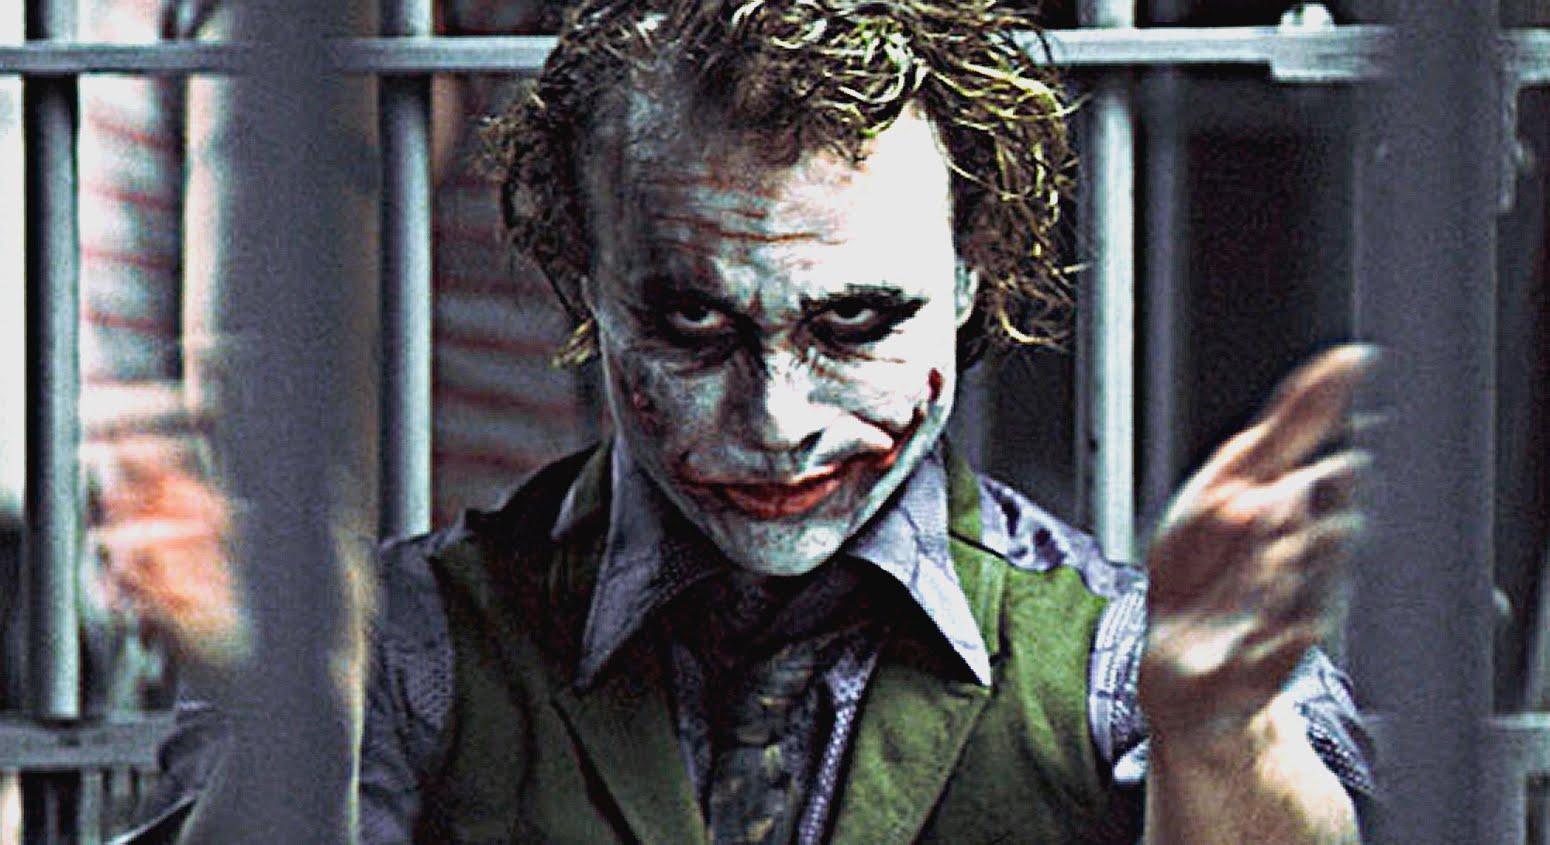 http://1.bp.blogspot.com/-Xl9j5bpJhkU/UP4vXlqjohI/AAAAAAAAKv4/RstTO3C-toc/s1600/joker-iht.jpg